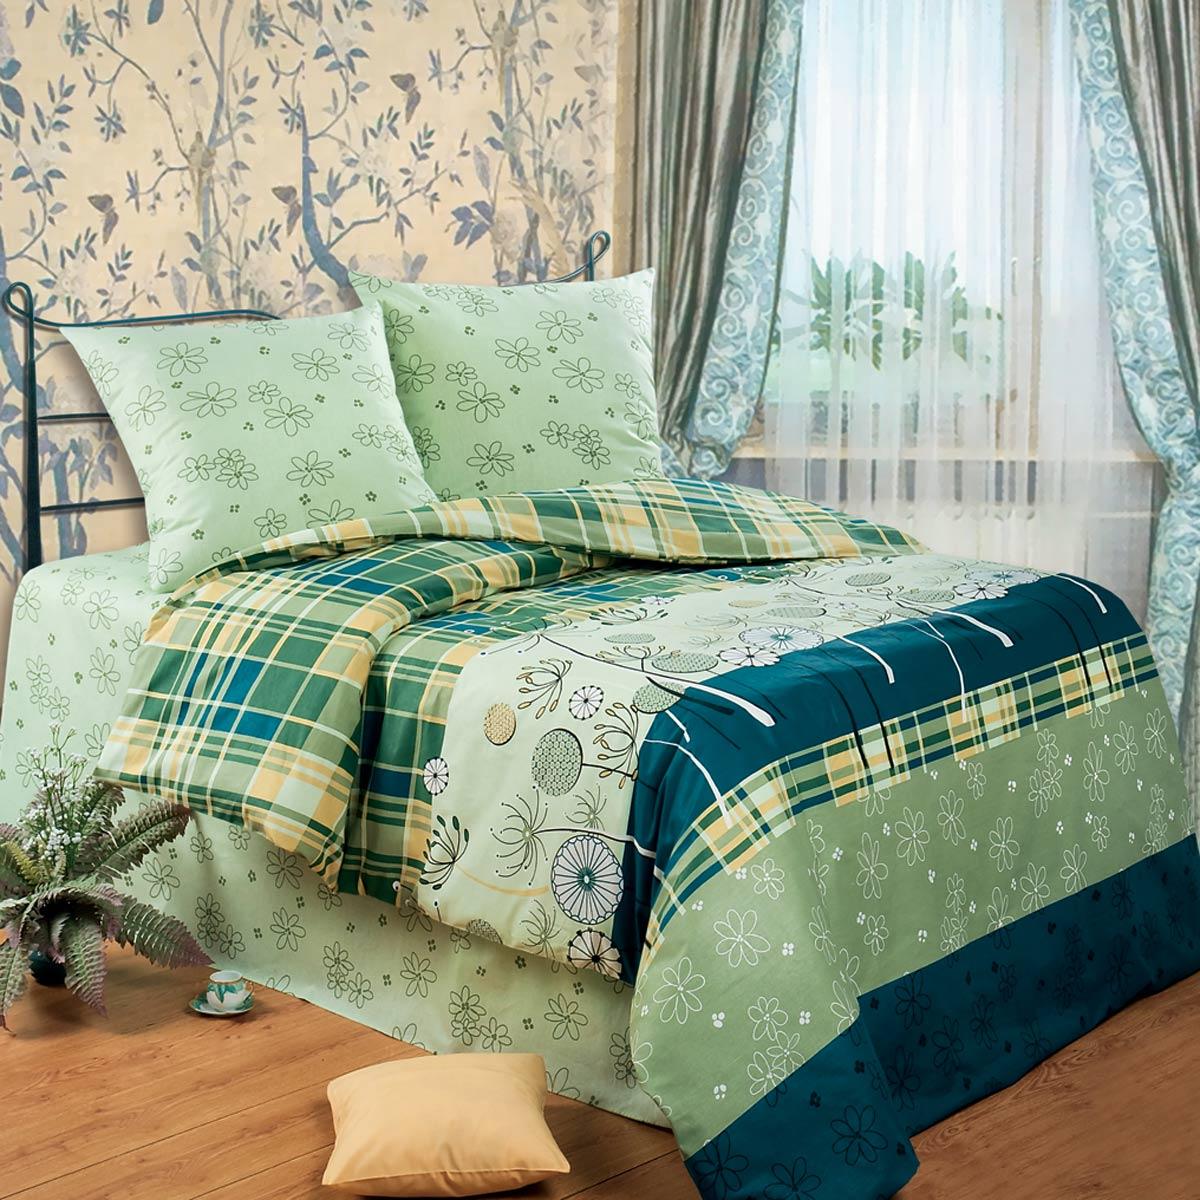 Комплект белья Любимый дом Гербарий, 2-х спальное, наволочки 70 х 70, цвет: зеленый. 3214202200ППостельное белье торговой марки «Любимый дом» - это идеальное сочетание доступной цены и высокого качества продукции. Серия «Любимый дом 3D» выполнена в технике объемного трехмерного изображения: объемные рисунки очень яркие, насыщенные и реалистичные. Коллекция выполнена из традиционной отечественной бязи с высоким показателем износостойкости: такое постельное белье очень прочное и долговечное, не деформируется при стирках и прослужит долгие годы.